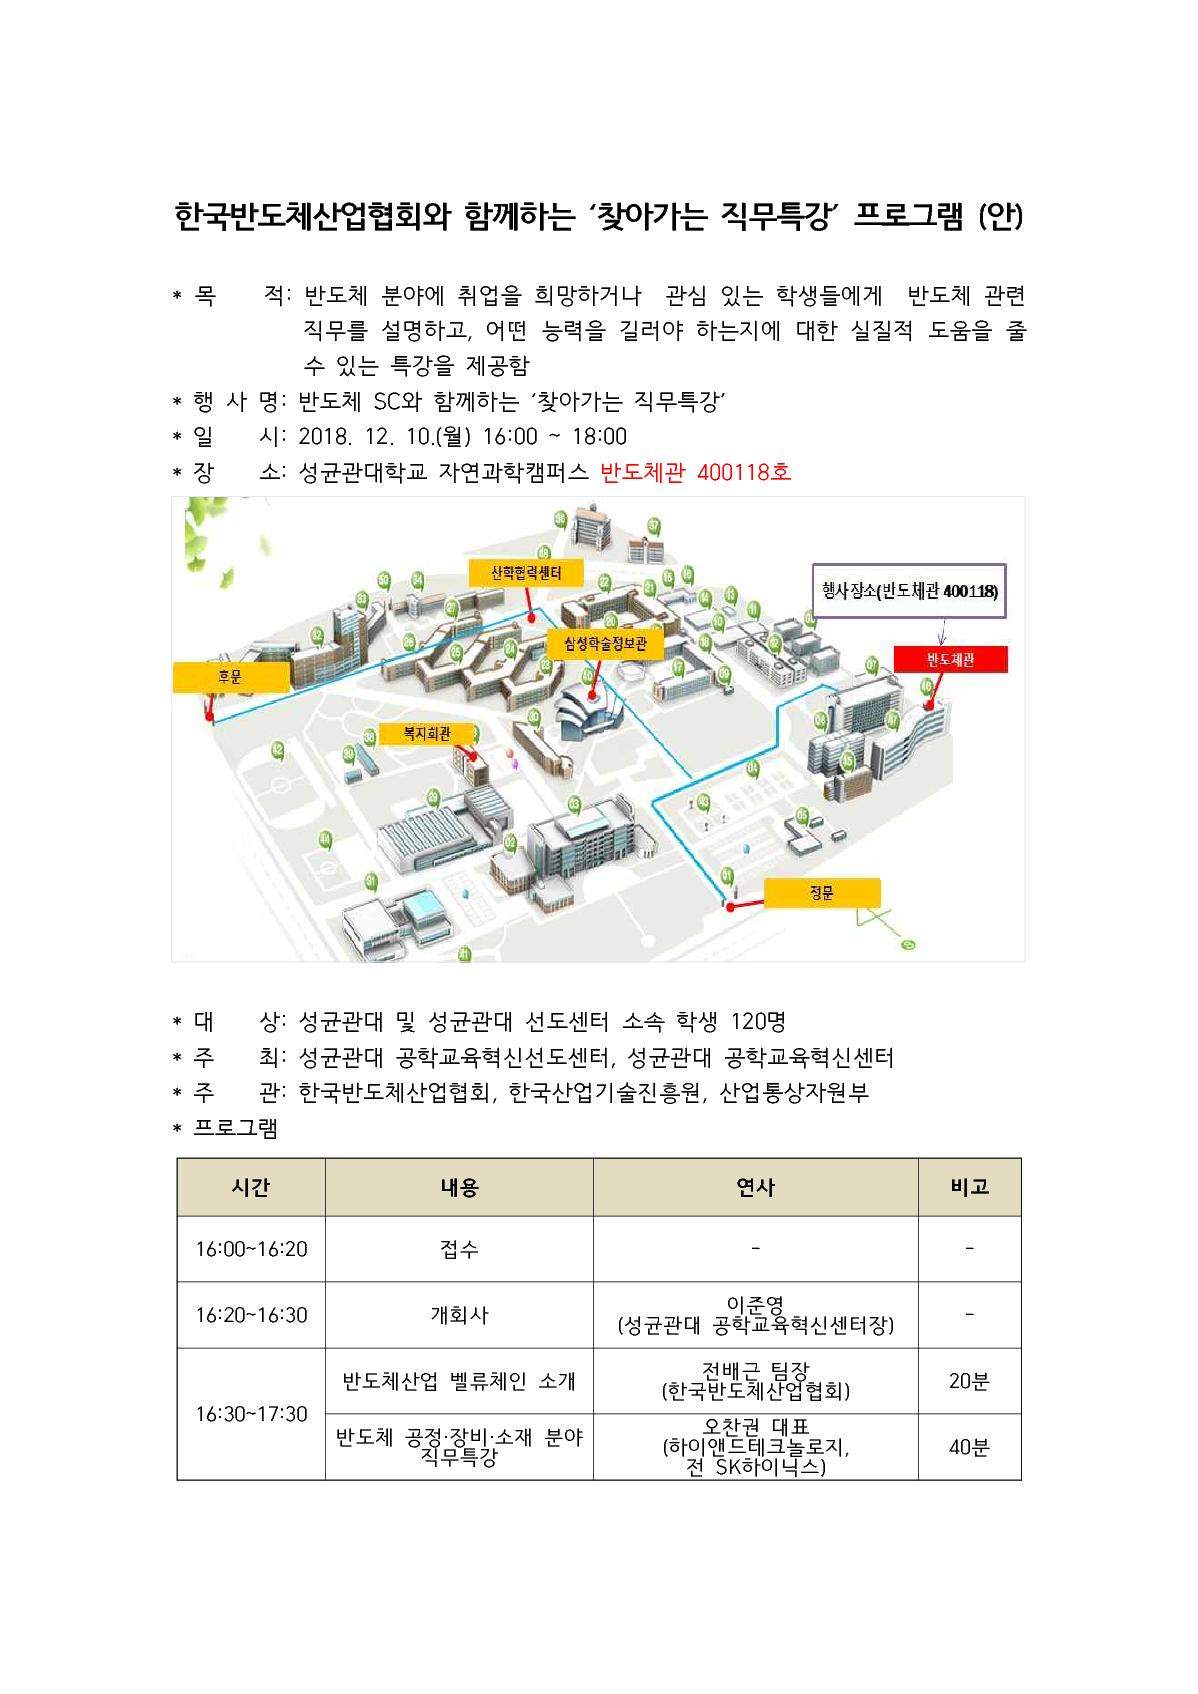 1. 한국반도체산업협회와  함께하는 '찾아가는 직무특강' 프로그램 (안)_181119_1.jpg